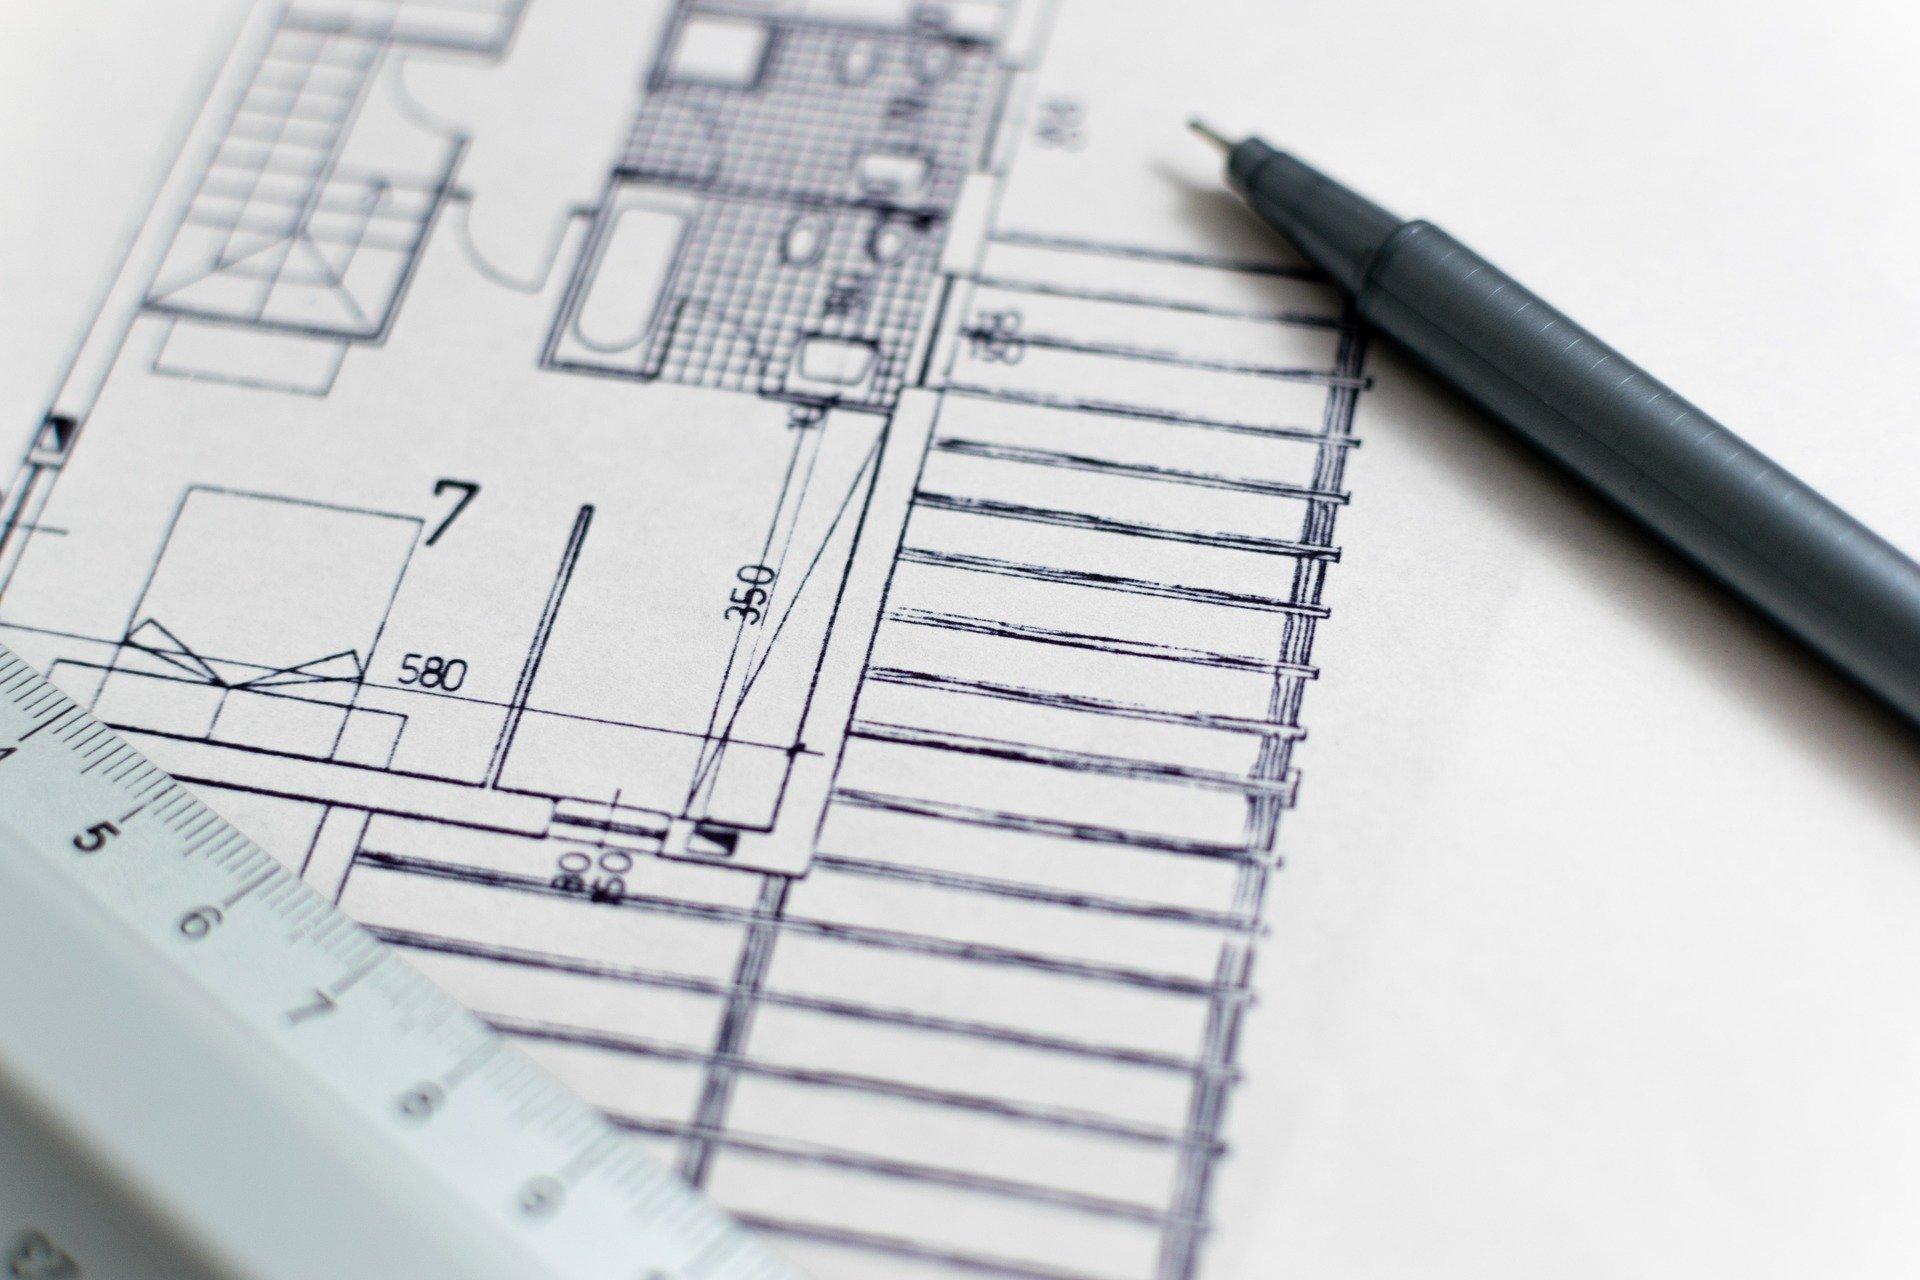 Entwurfsplanungen mit Bleistift, Quelle: Bild von Lorenzo Cafaro auf Pixabay